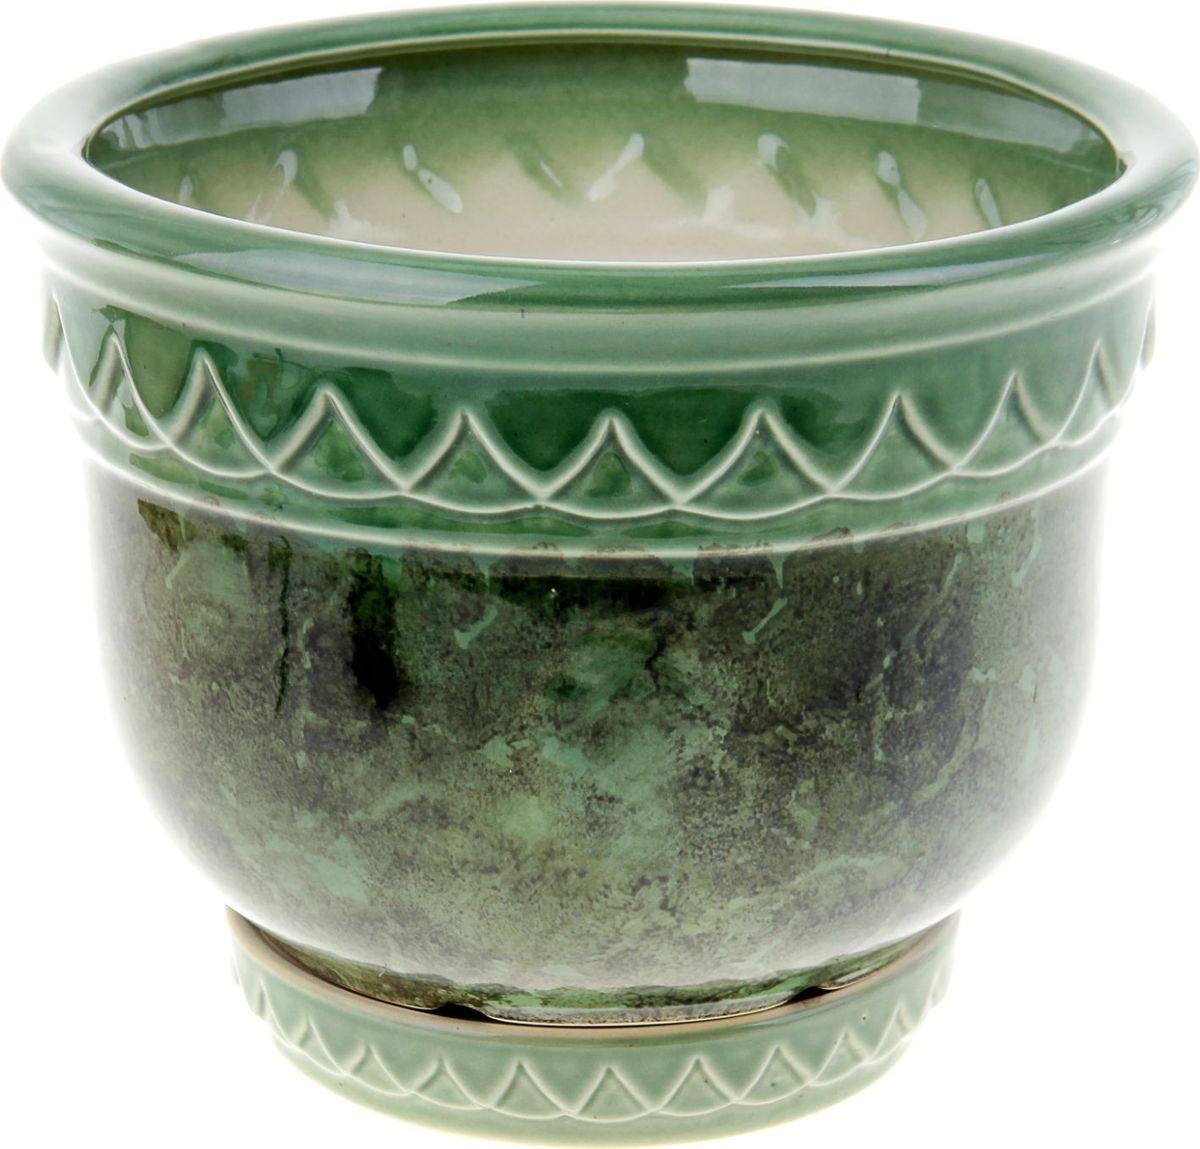 Кашпо Бриз, цвет: зеленый, 4 л838546Комнатные растения — всеобщие любимцы. Они радуют глаз, насыщают помещение кислородом и украшают пространство. Каждому из них необходим свой удобный и красивый дом. Кашпо из керамики прекрасно подходят для высадки растений: за счёт пластичности глины и разных способов обработки существует великое множество форм и дизайновпористый материал позволяет испаряться лишней влагевоздух, необходимый для дыхания корней, проникает сквозь керамические стенки! #name# позаботится о зелёном питомце, освежит интерьер и подчеркнёт его стиль.